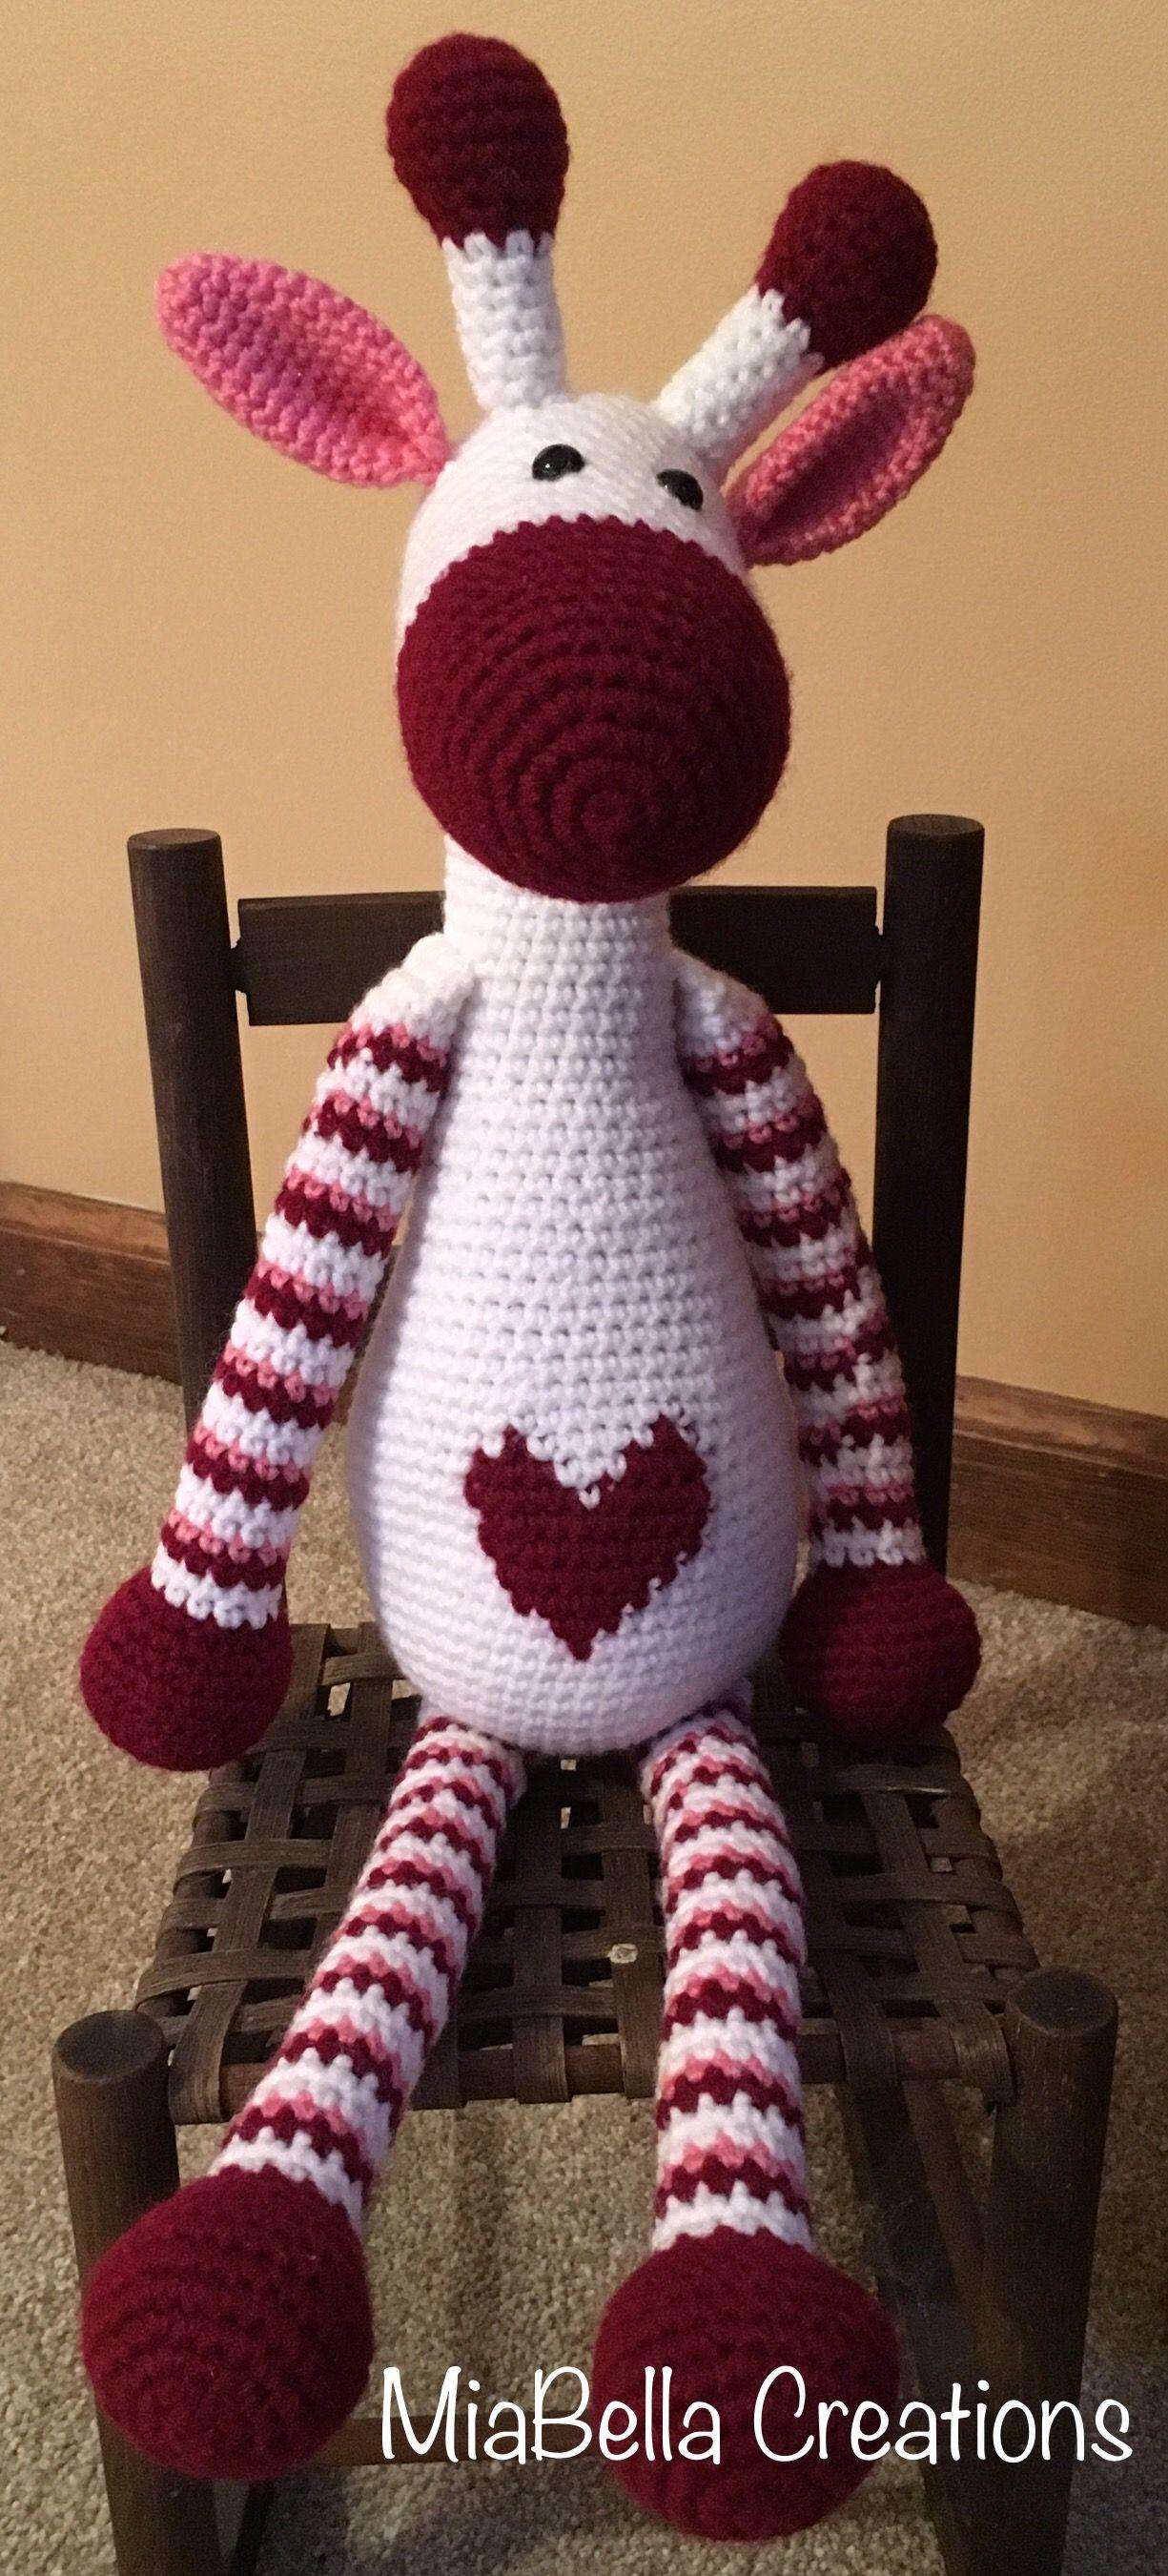 Hearty Giraffe amigurumi pattern | Amigurumi patrones gratis ... | 2701x1225